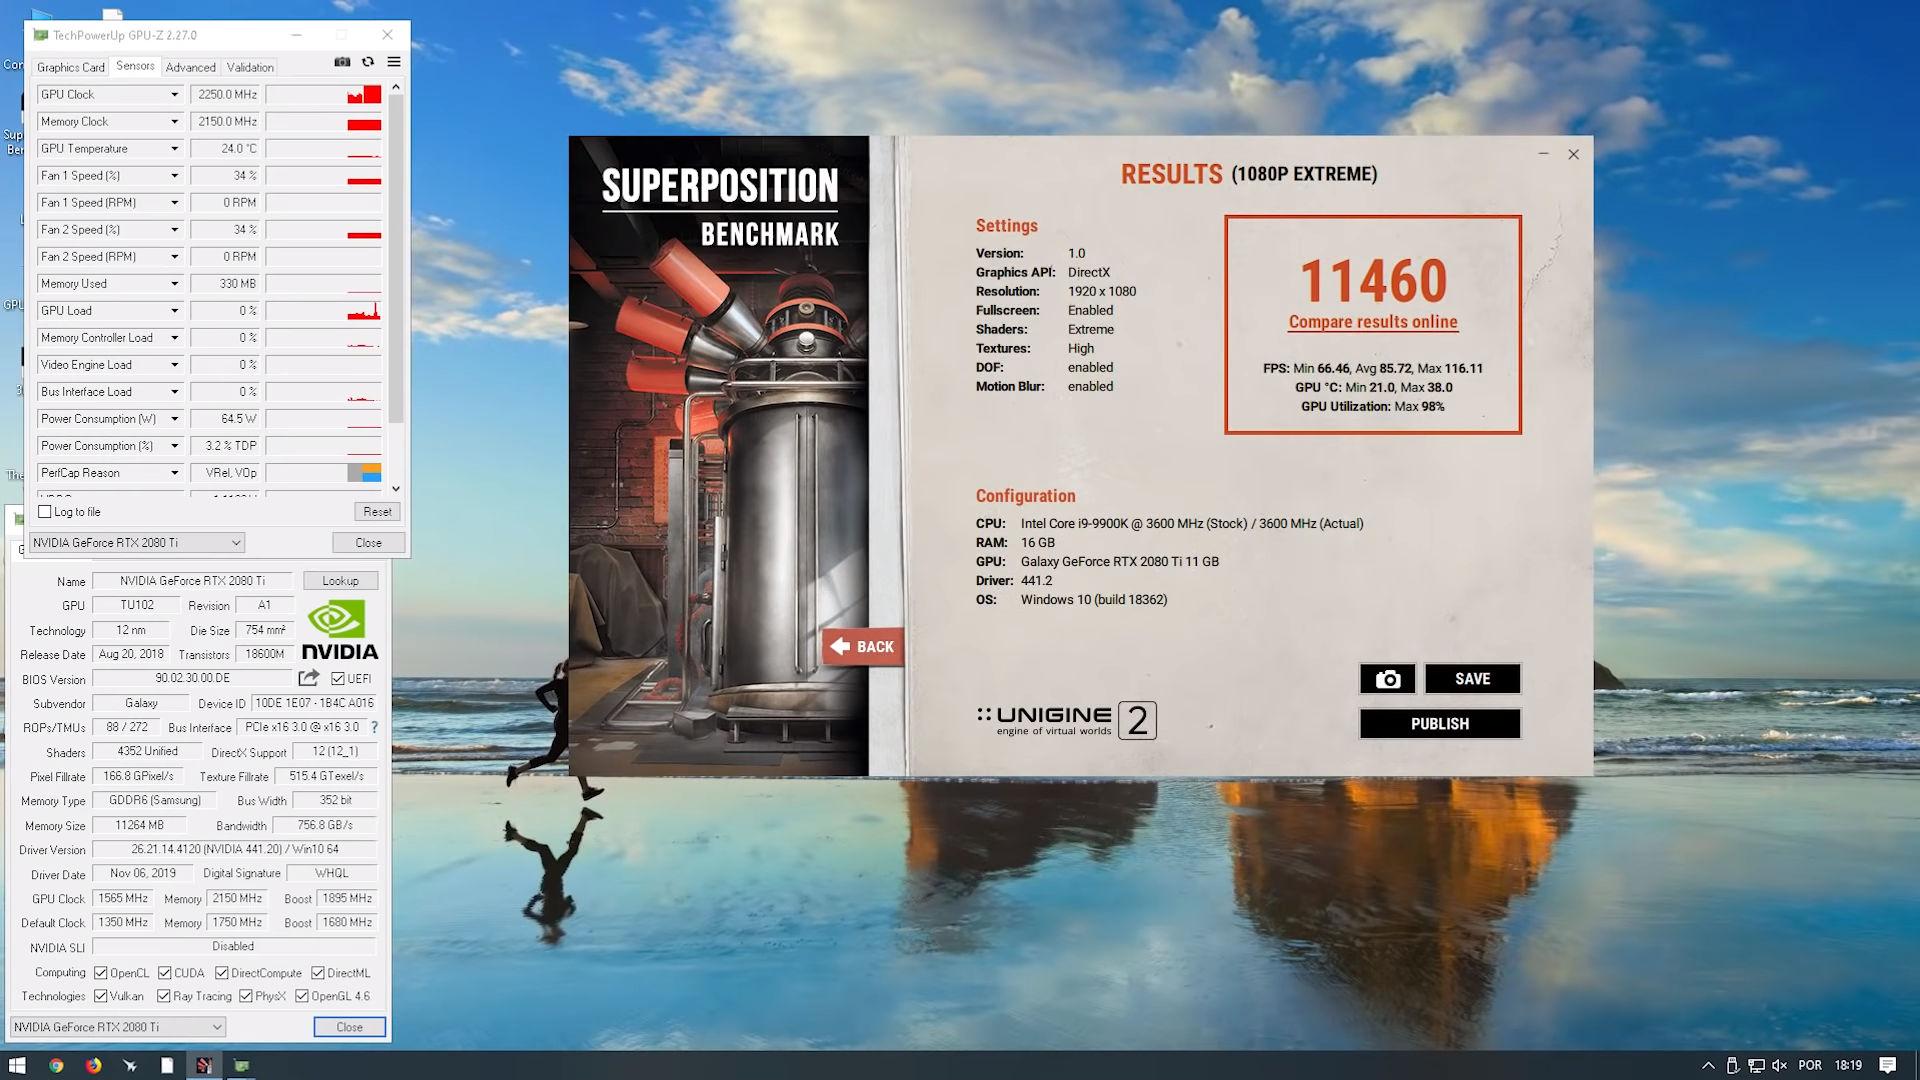 TecLab RTX 2080 Ti SUPER Superposition